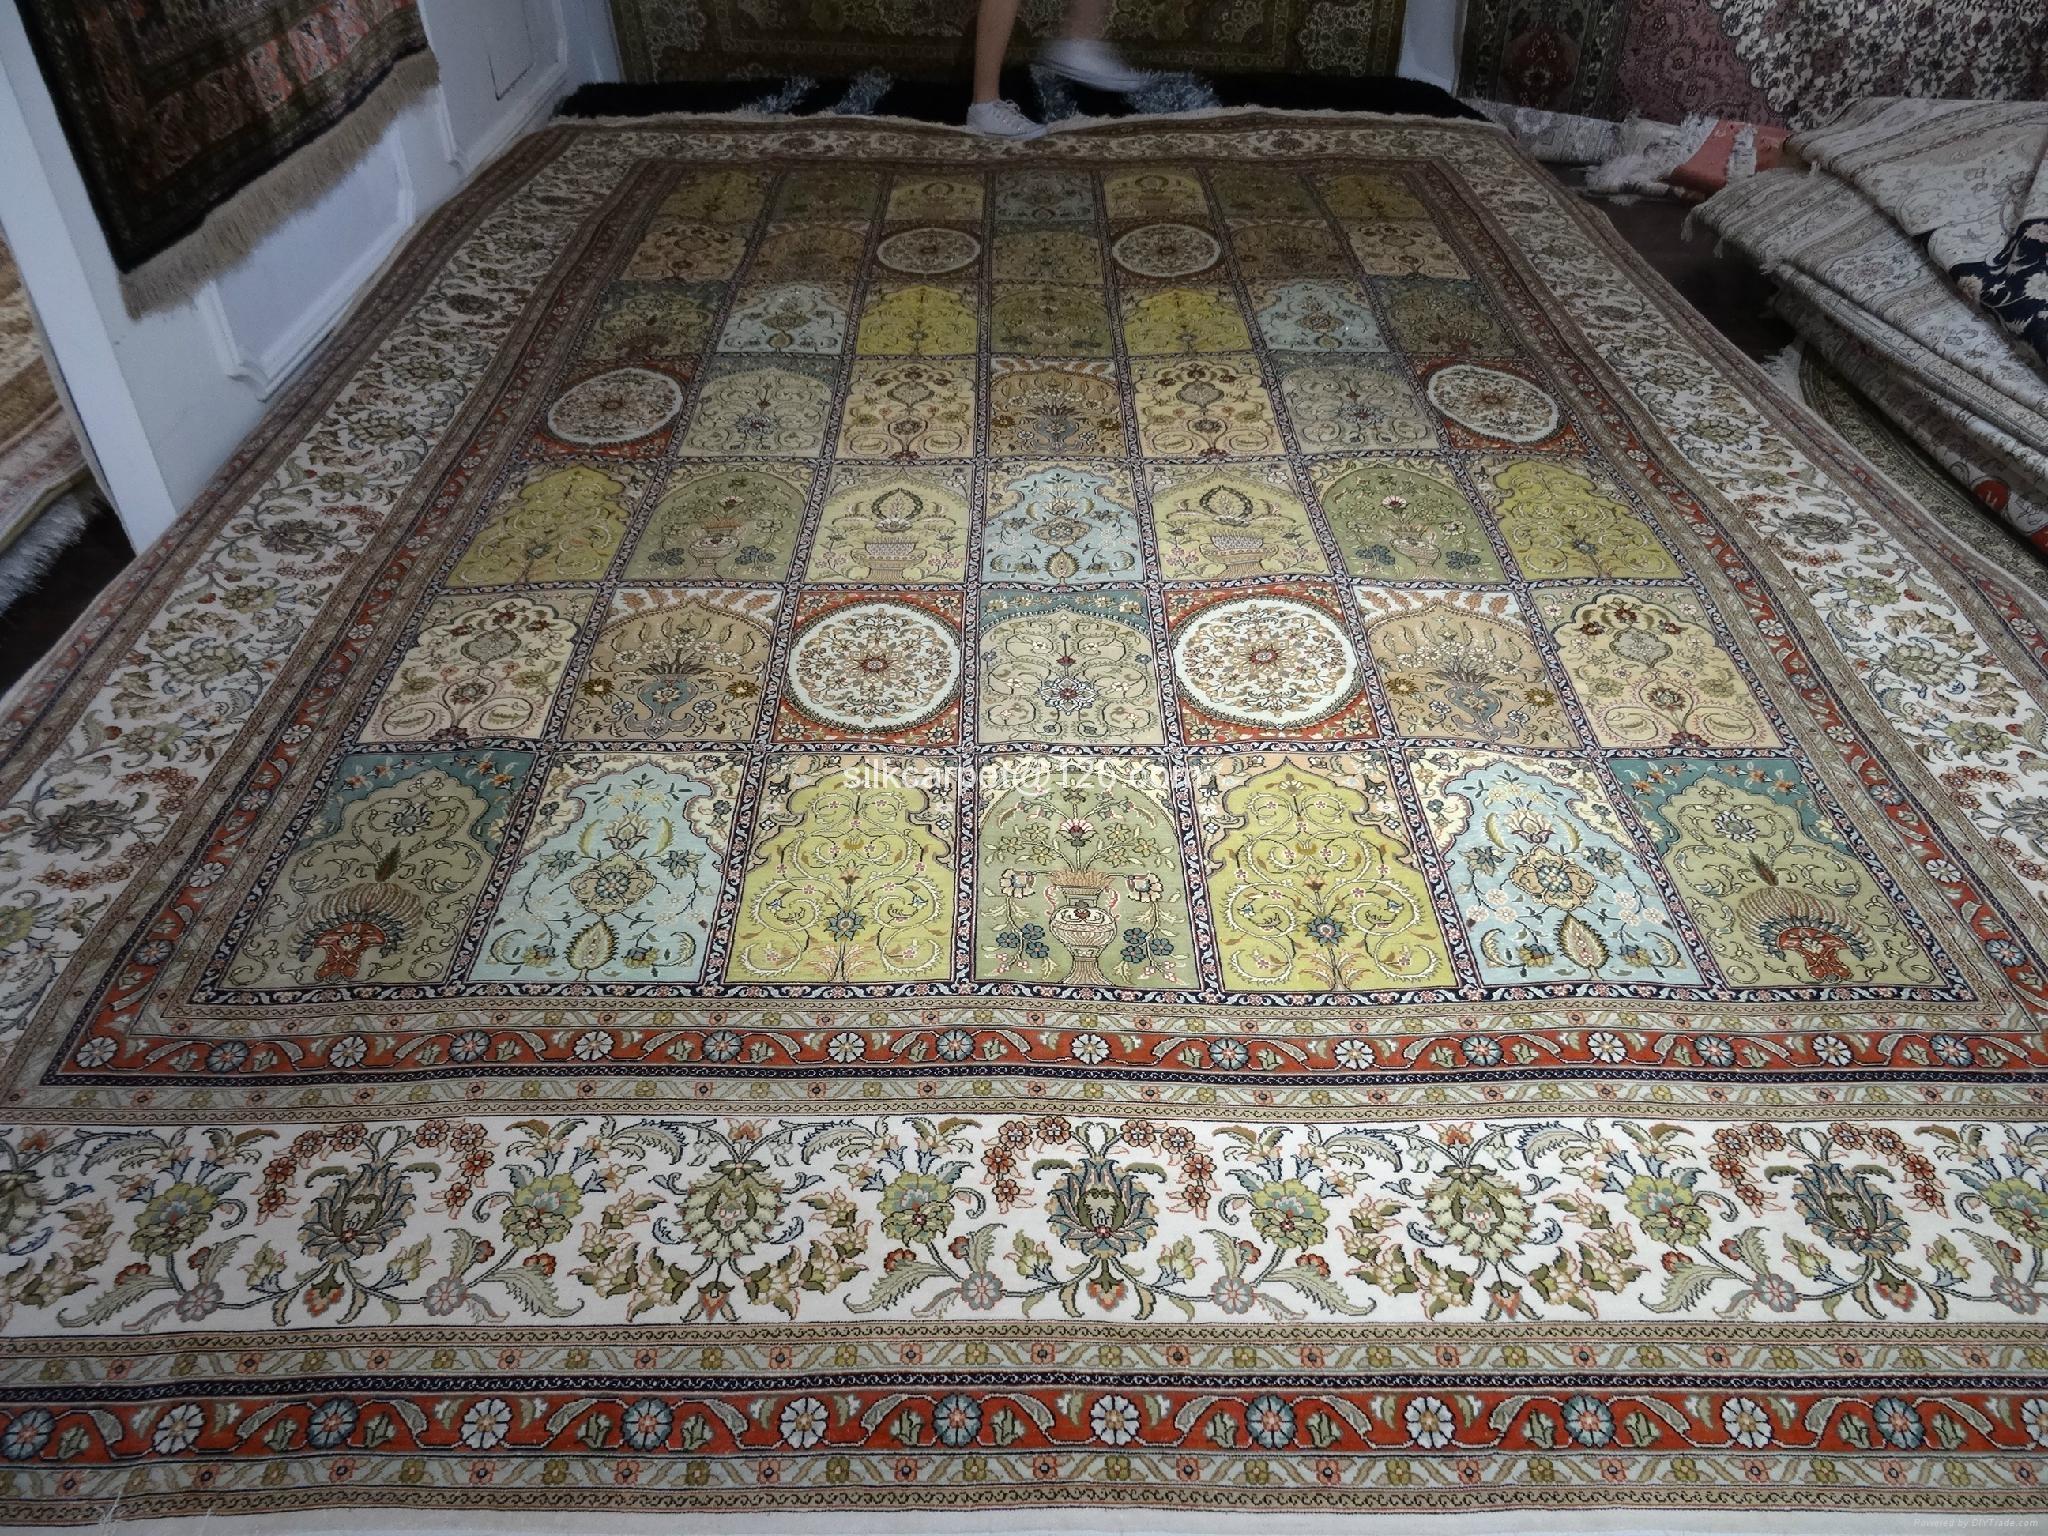 优质桑蚕丝波斯地毯10 x13ft 手工古典图案 1